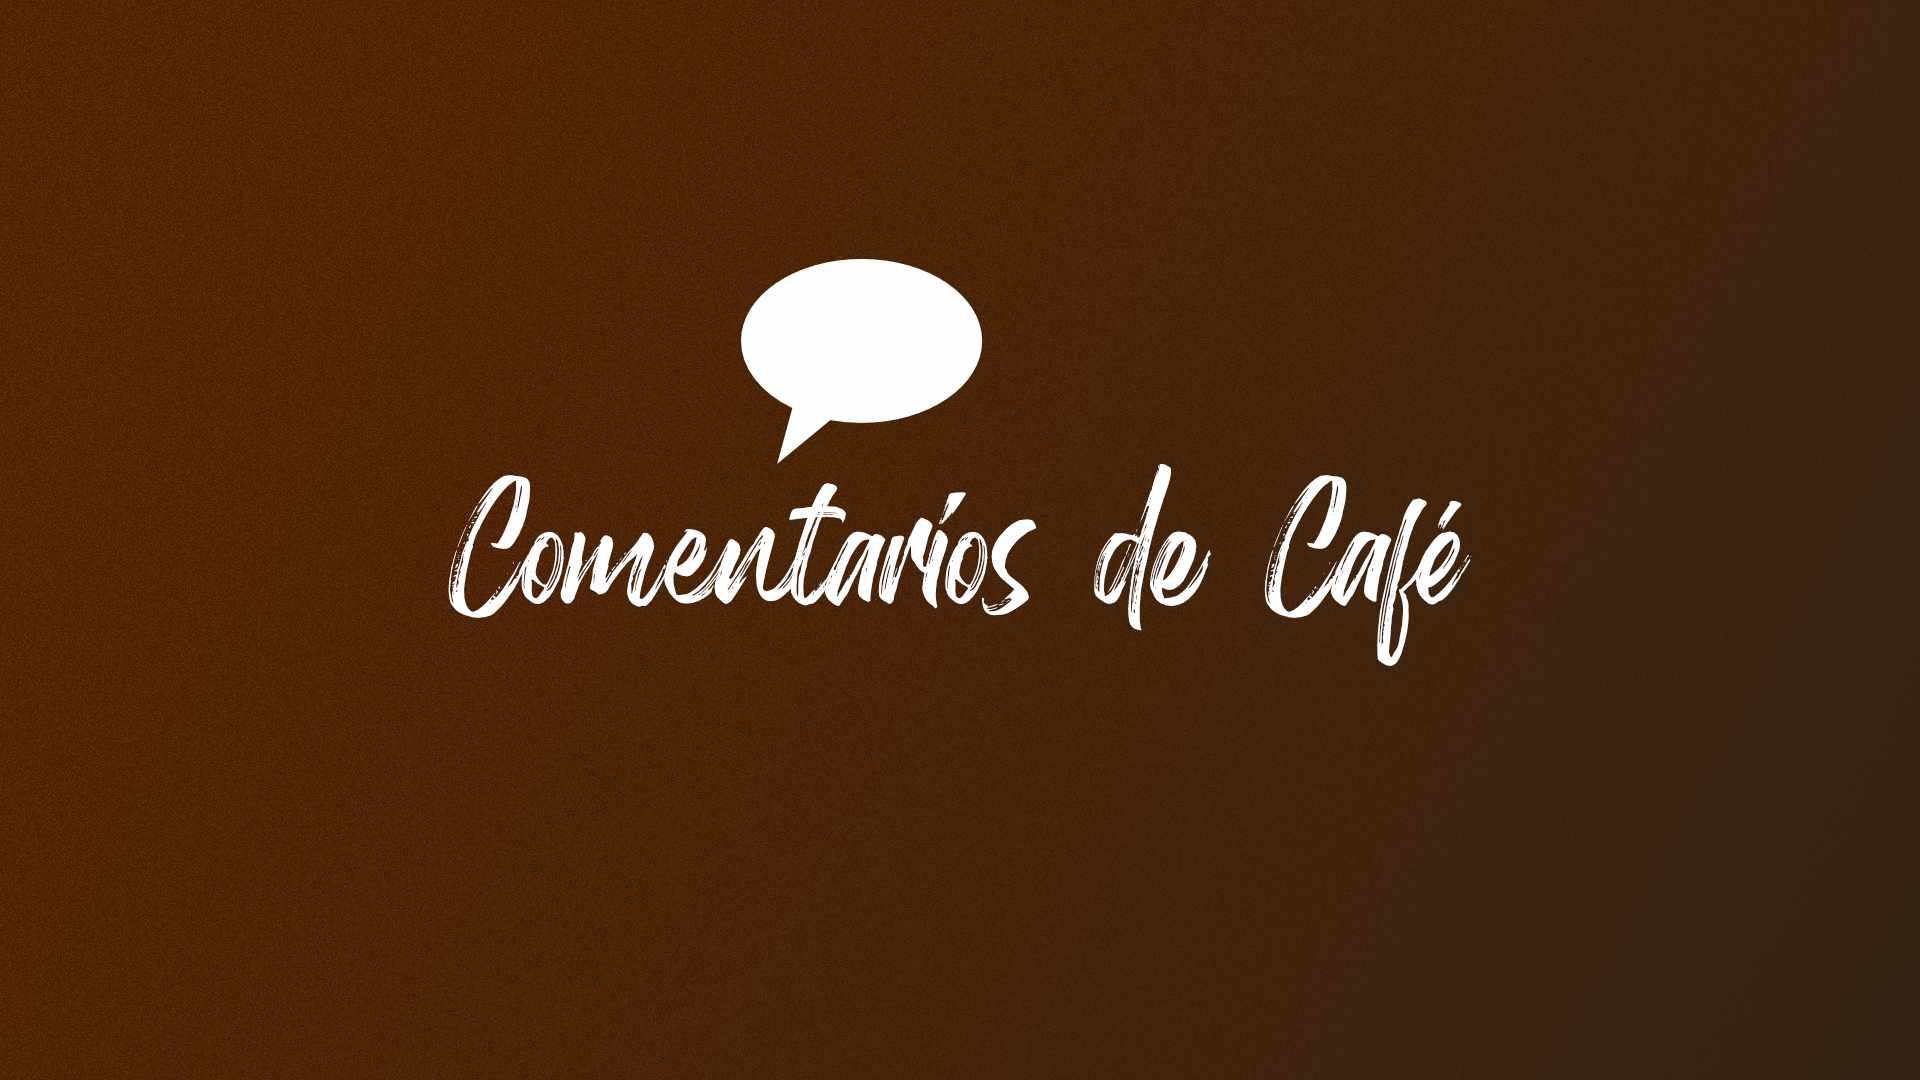 Comentarios de Café